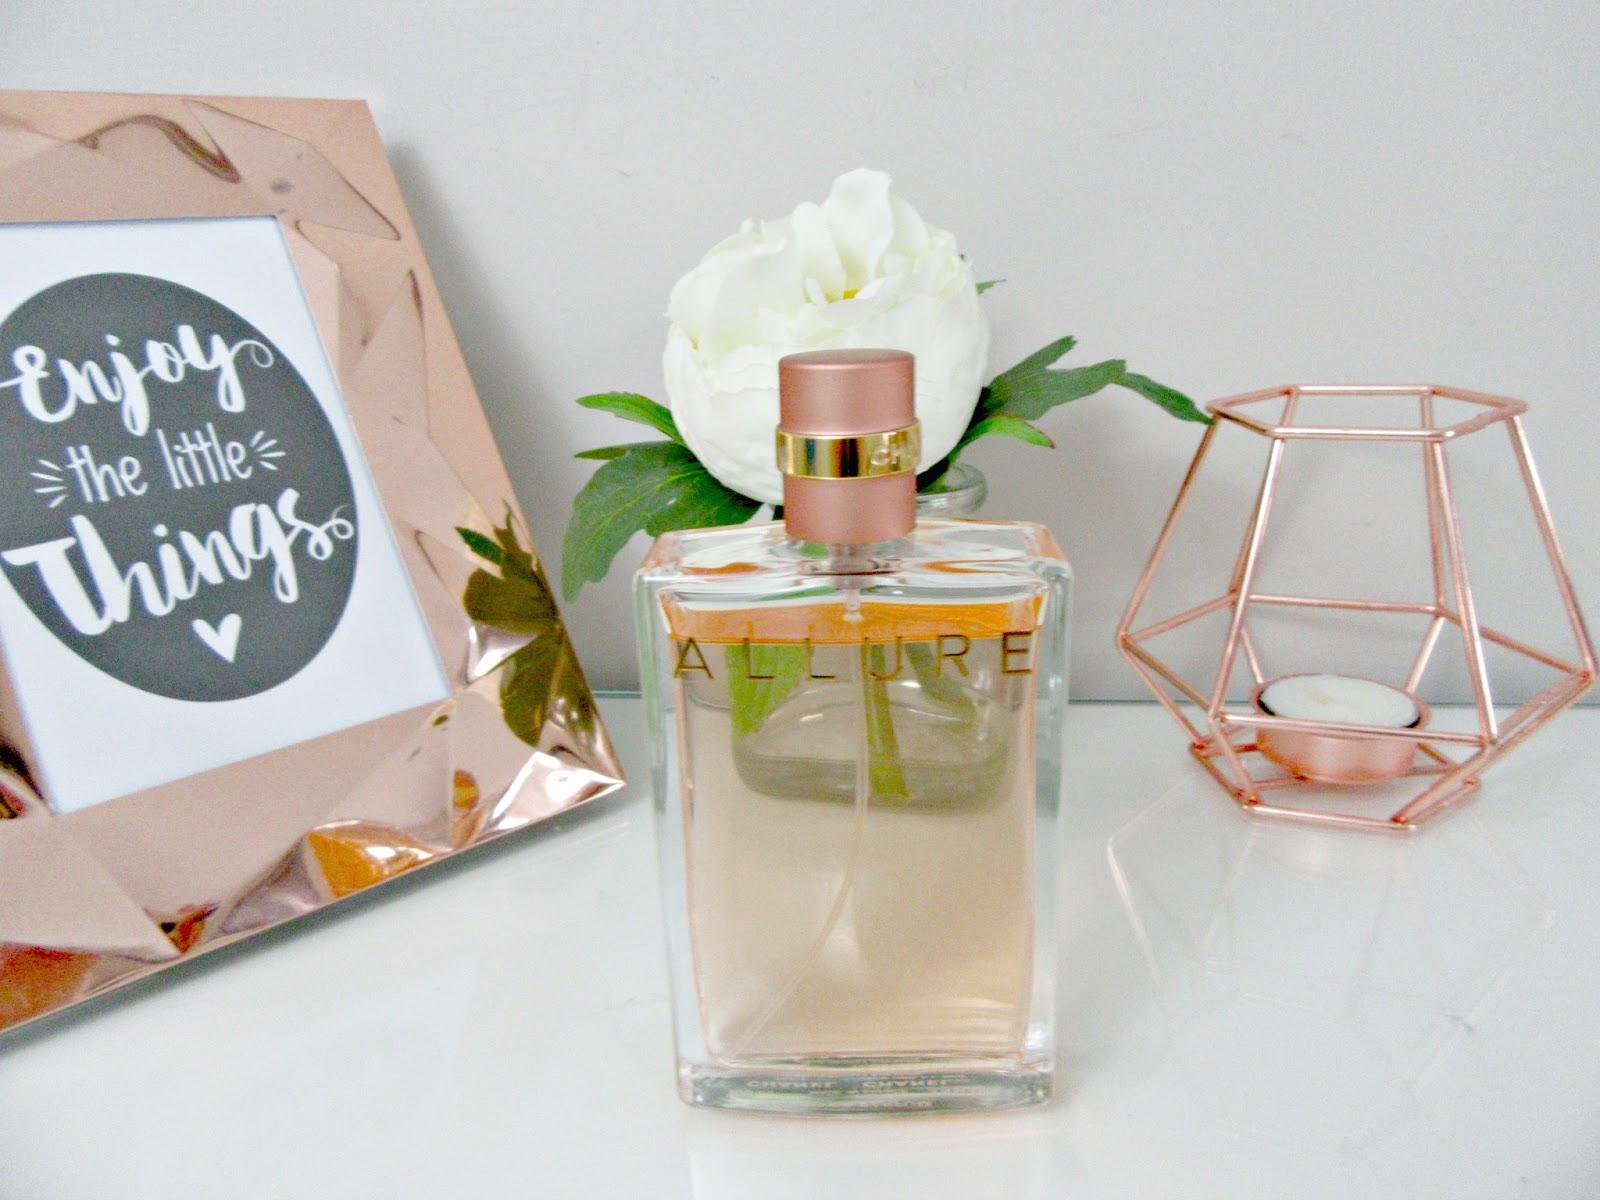 Chanel Allure Eau De Parfum